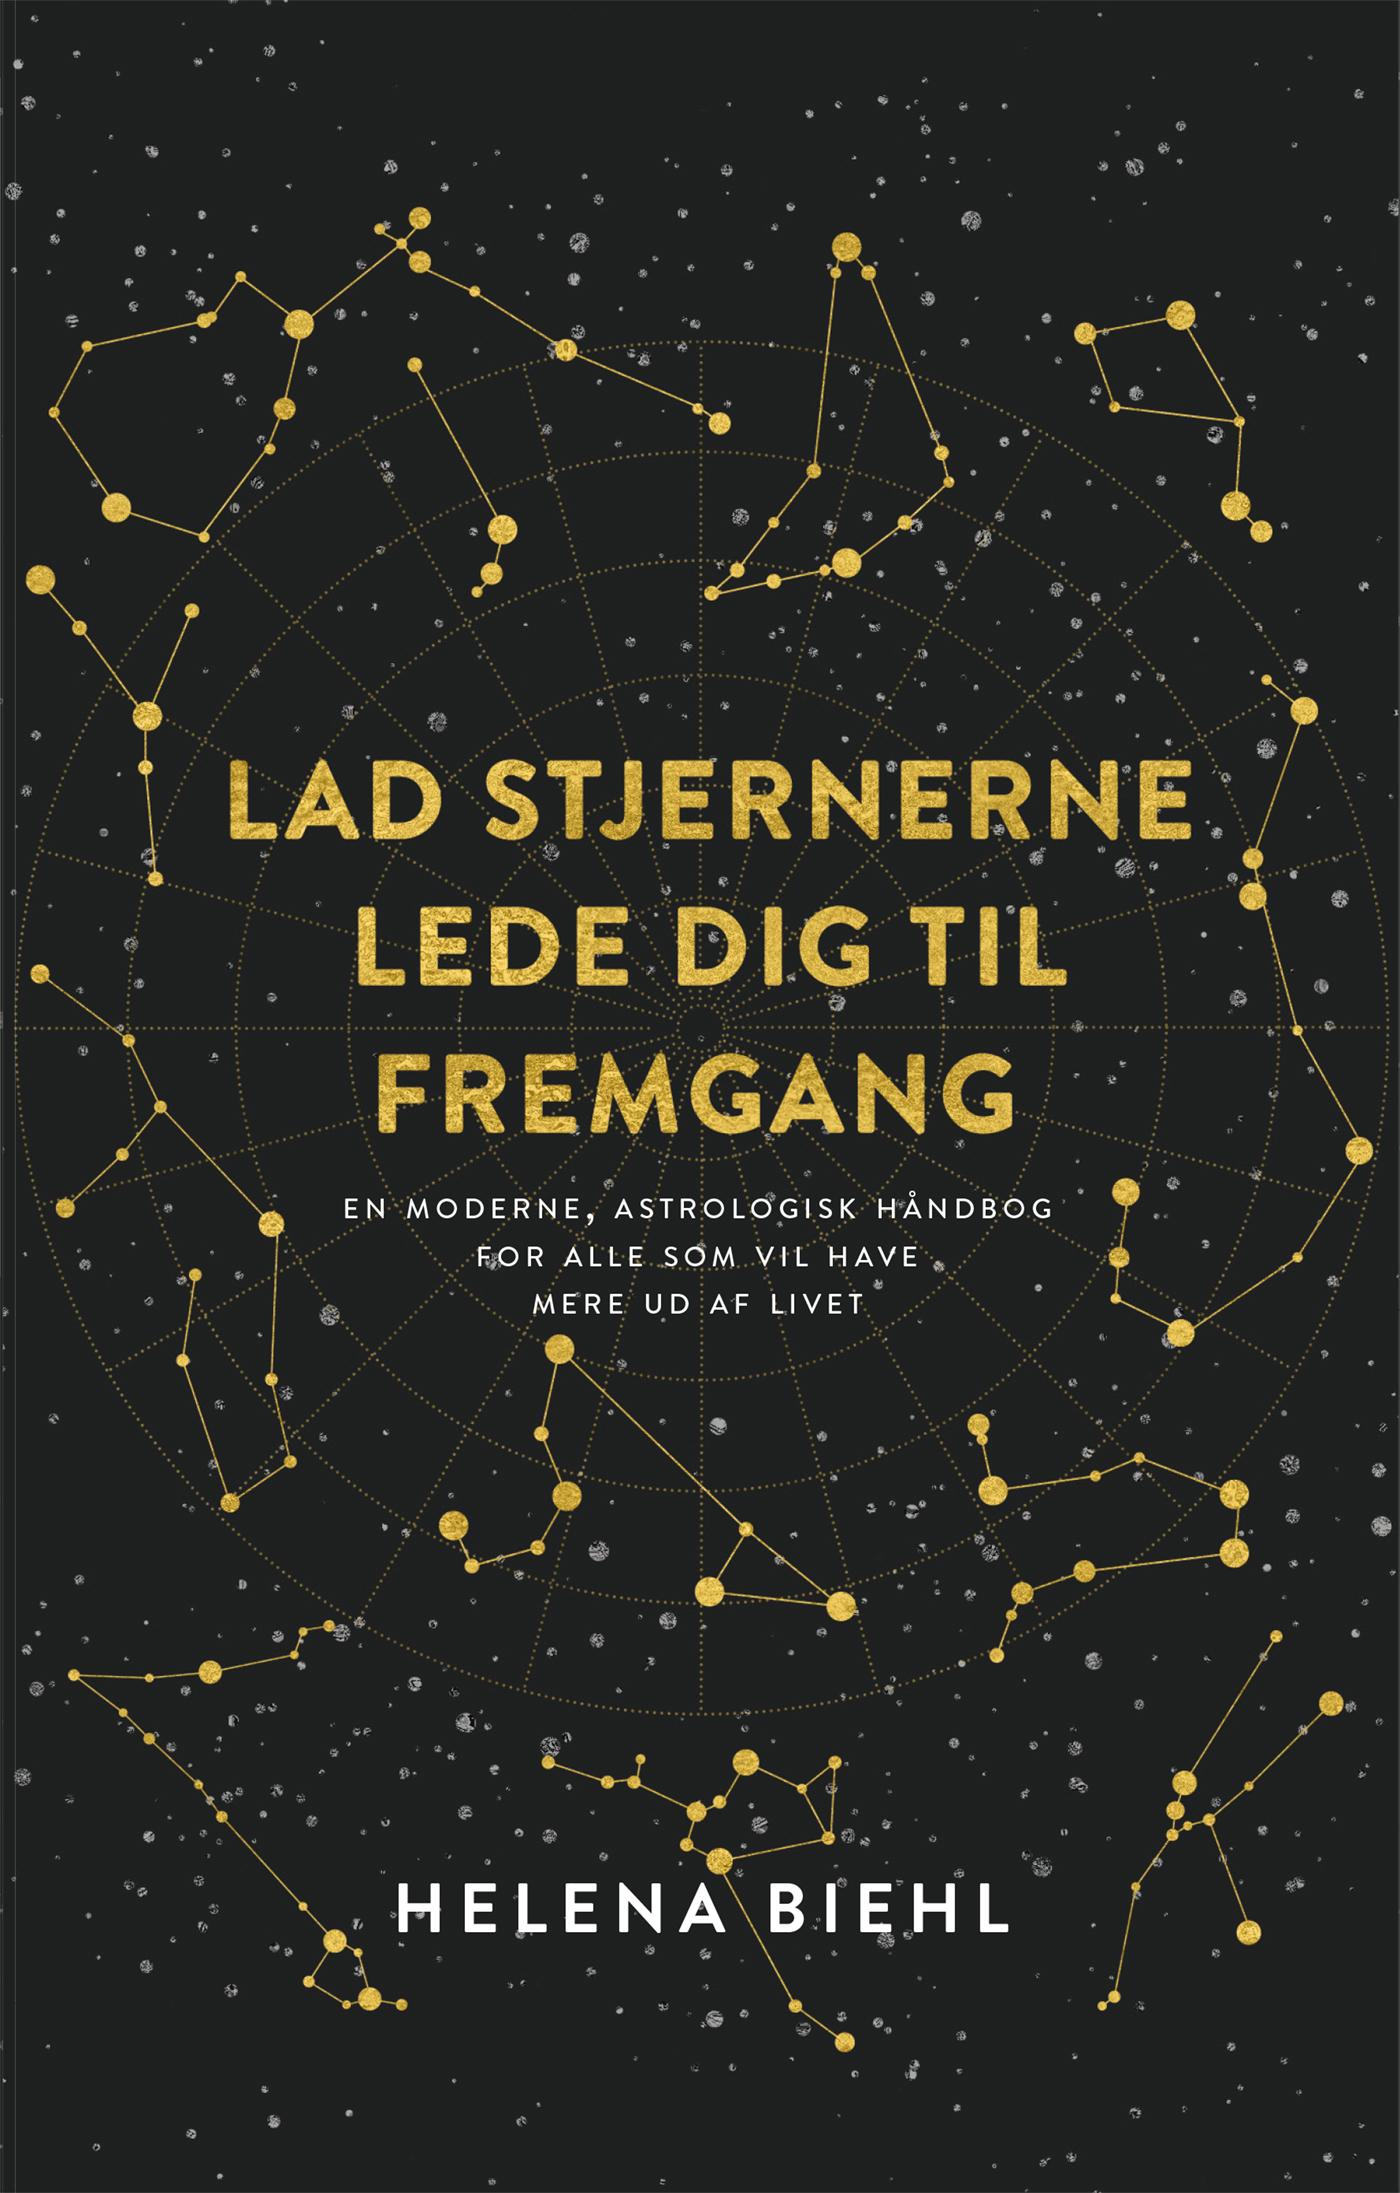 Lad stjernerne lede dig til fremgang - e-bog fra N/A fra bog & mystik